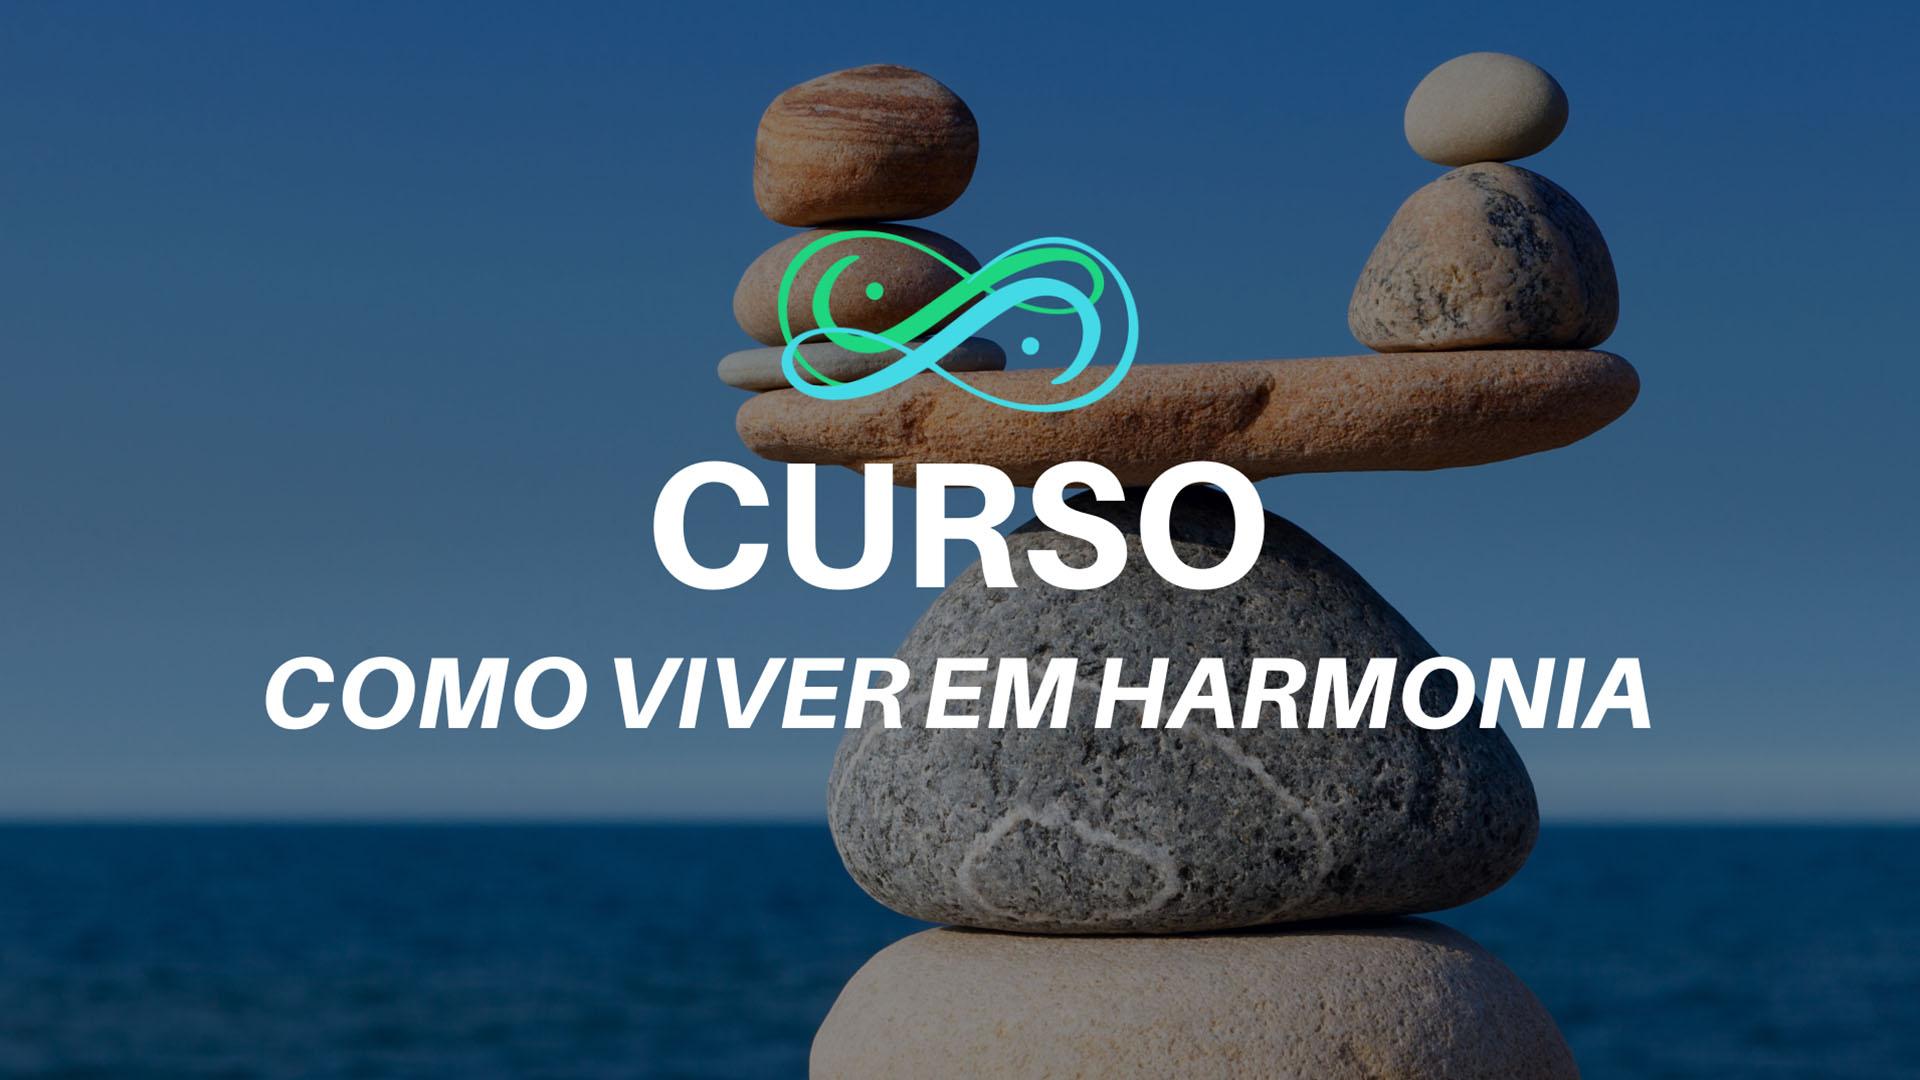 Curso como viver em harmonia